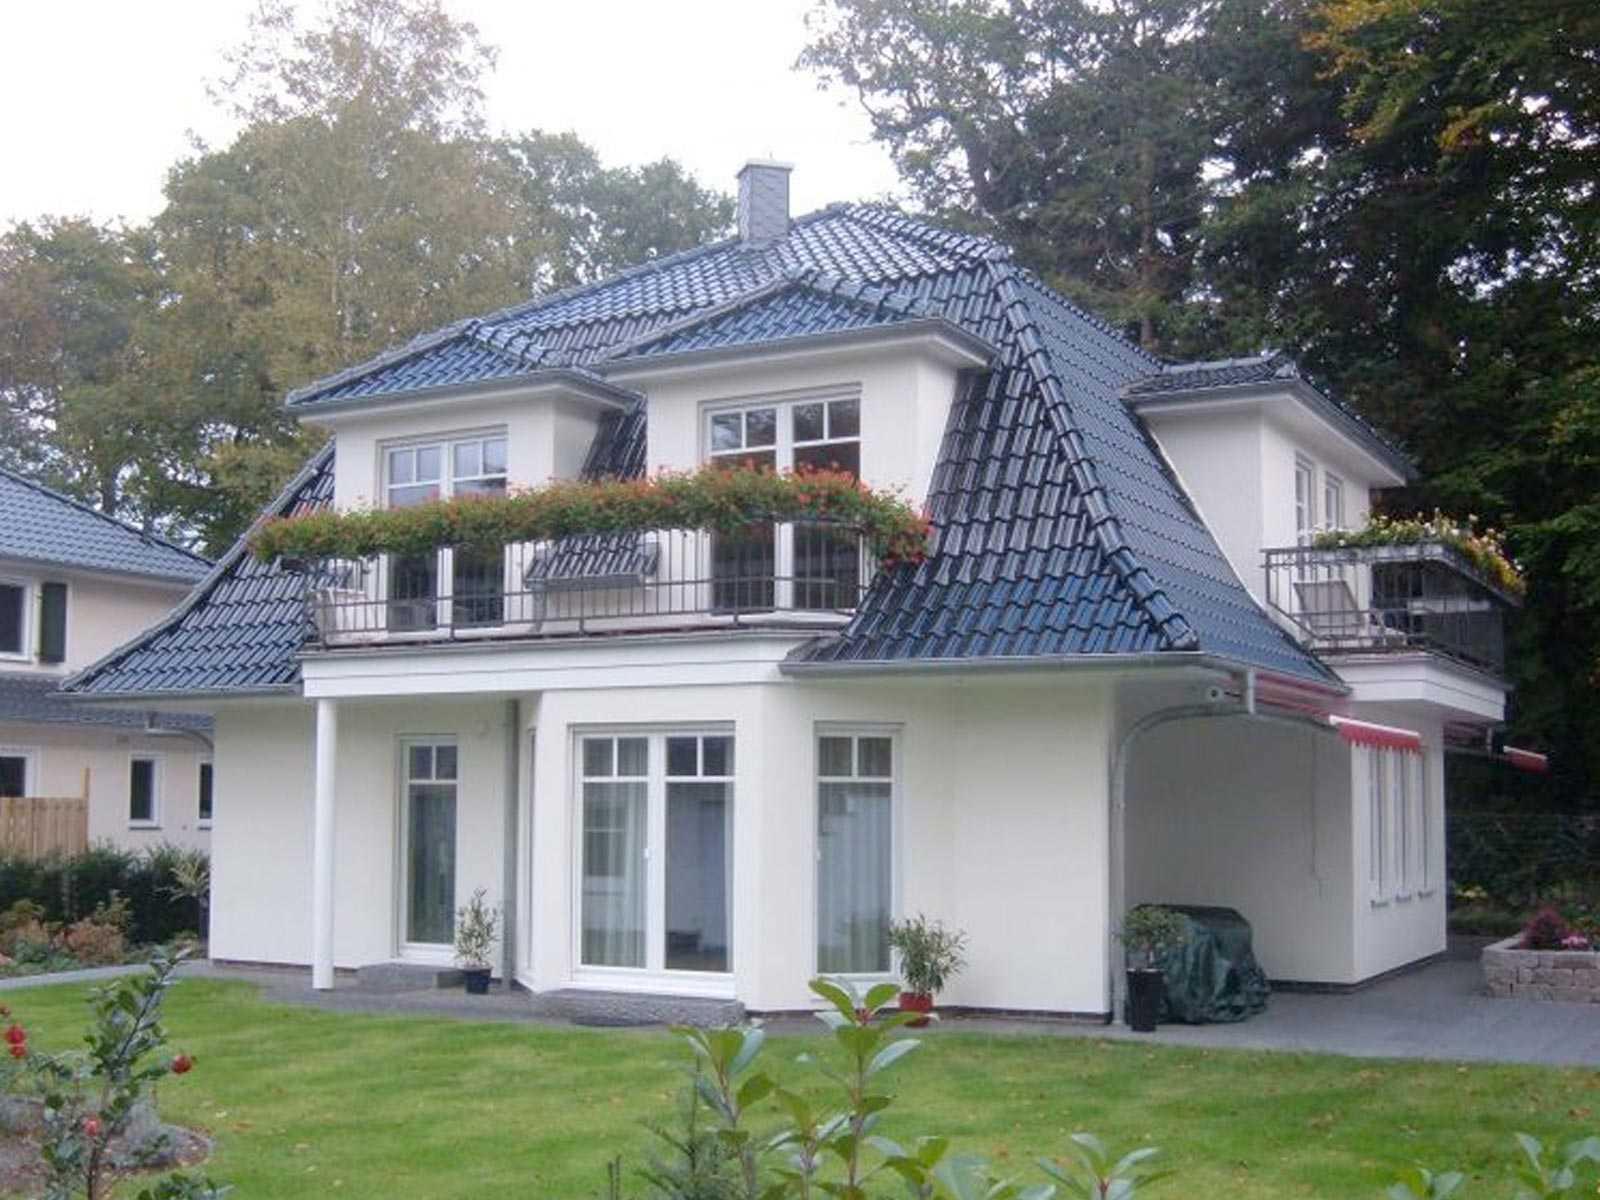 Poggenburg Haus - Hausansichtichen Mit Grundriss, Preise Und Erfahrungen